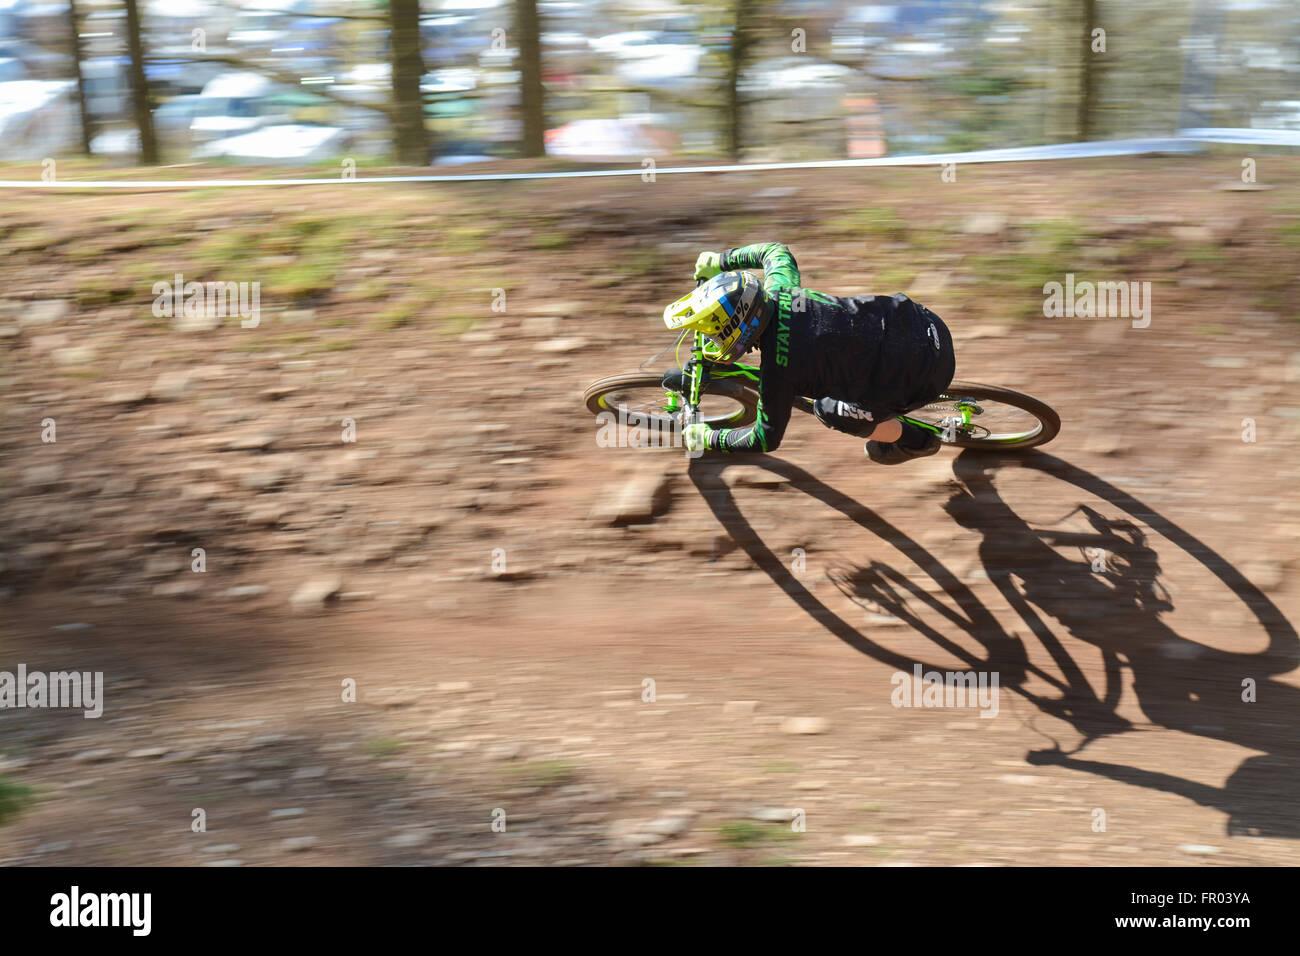 Ae Forest, Dumfries Scozia - 20 Marzo 2016: Regno Unito - previsioni del tempo - Un motociclista completa la sua Immagini Stock